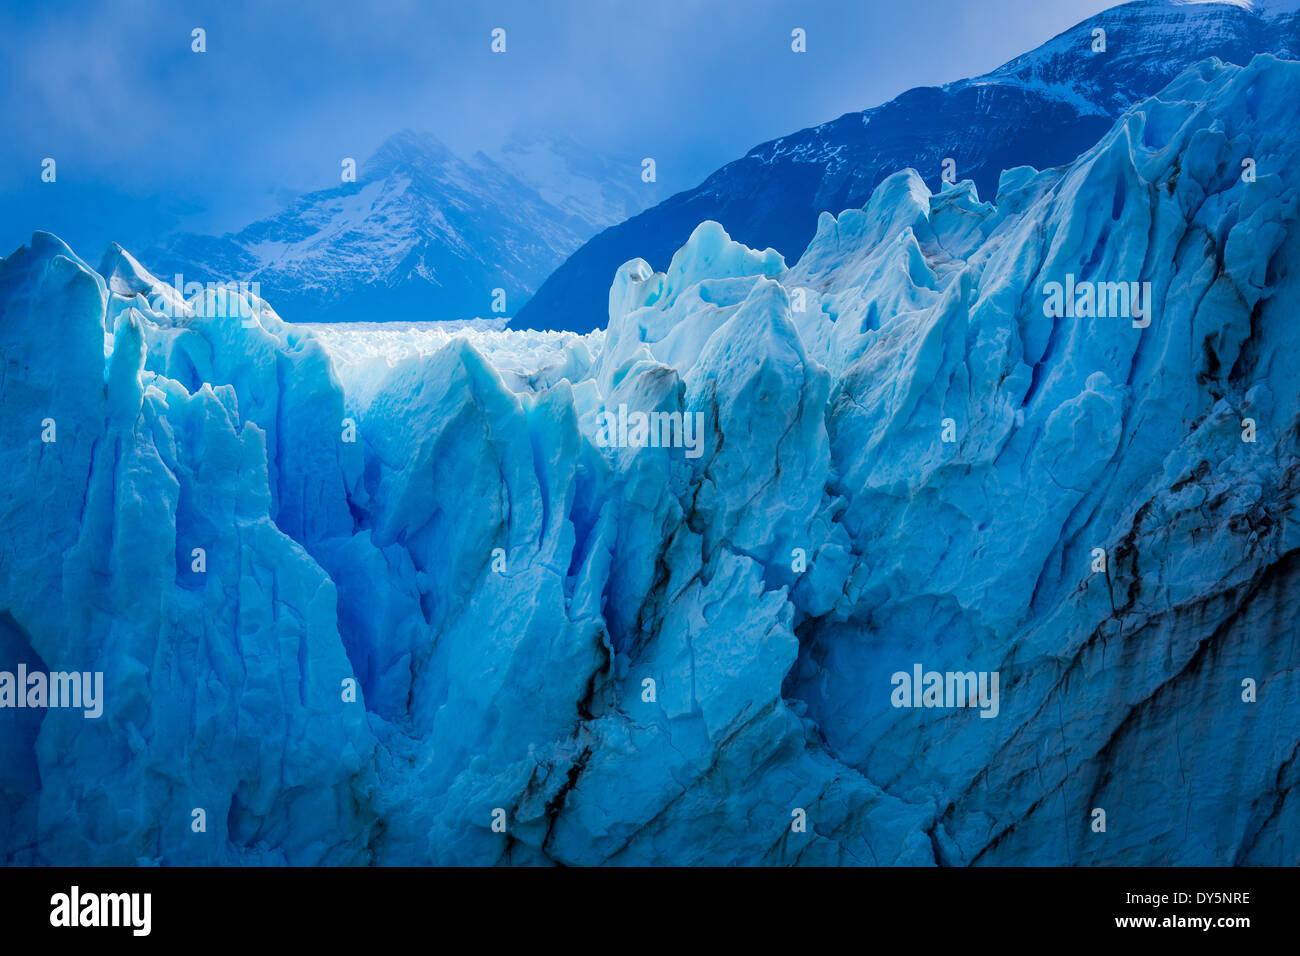 Der Perito-Moreno-Gletscher ist ein Gletscher im Nationalpark Los Glaciares im Südwesten der Provinz Santa Cruz, Stockfoto